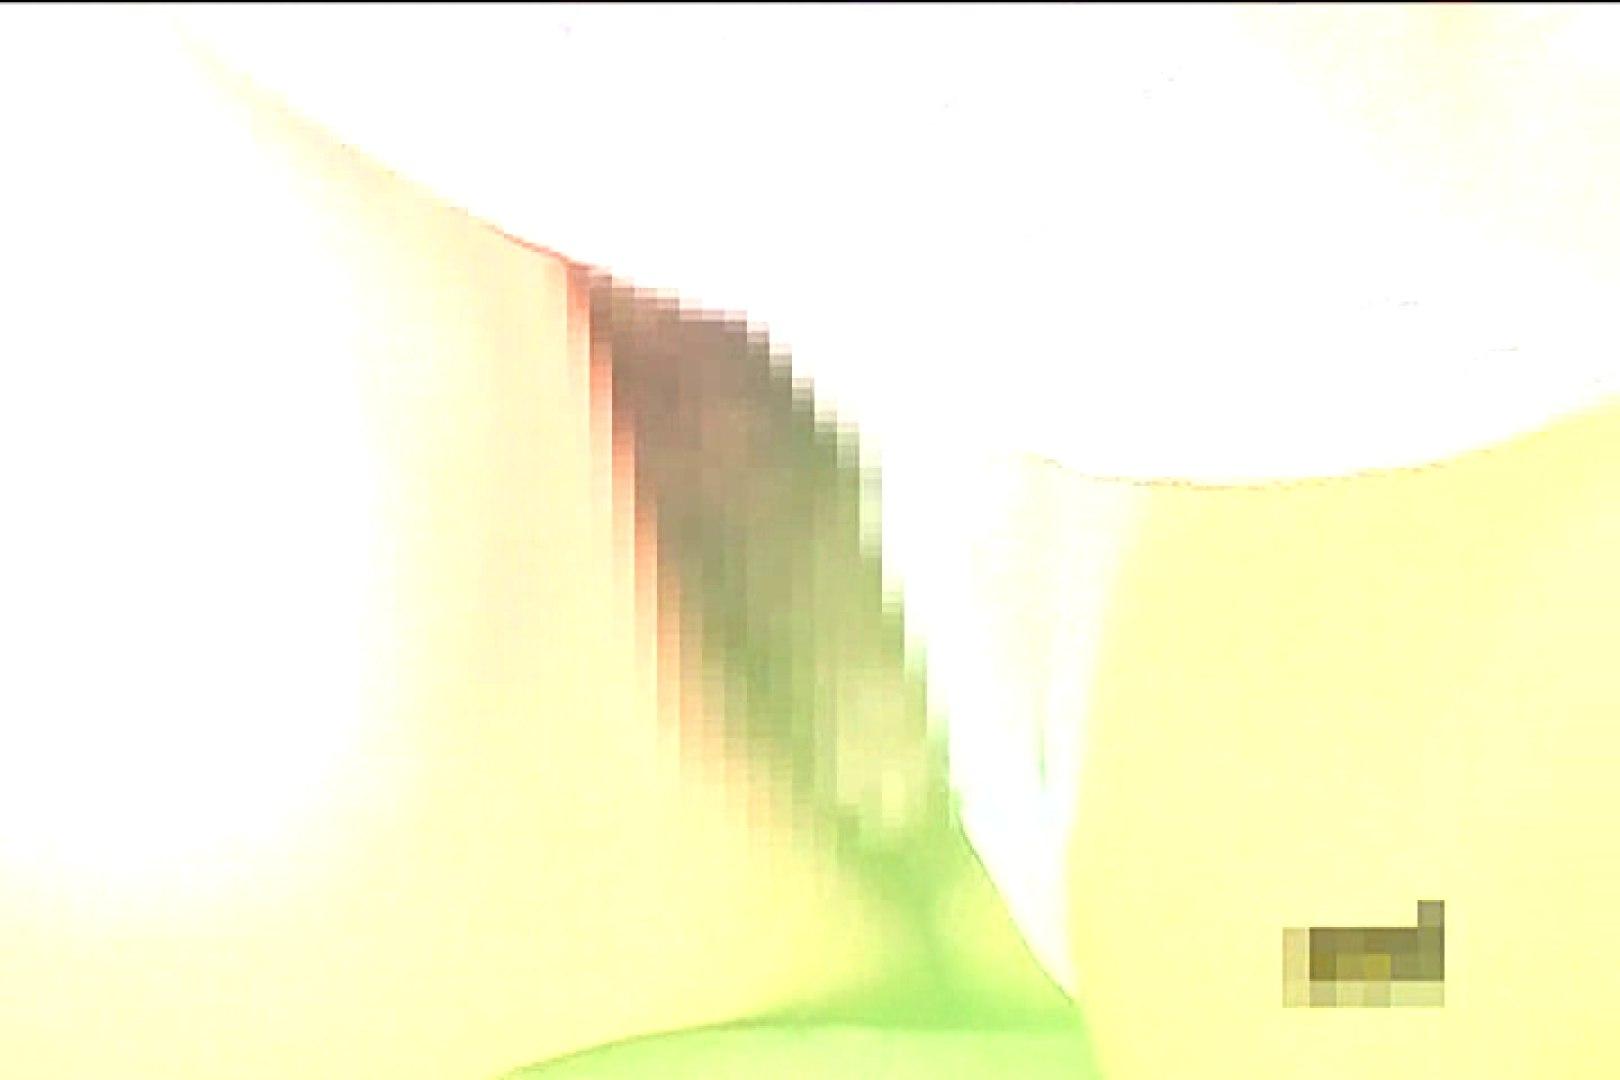 マンチラインパクトVol.11 チラ見え画像 ワレメ動画紹介 96連発 51